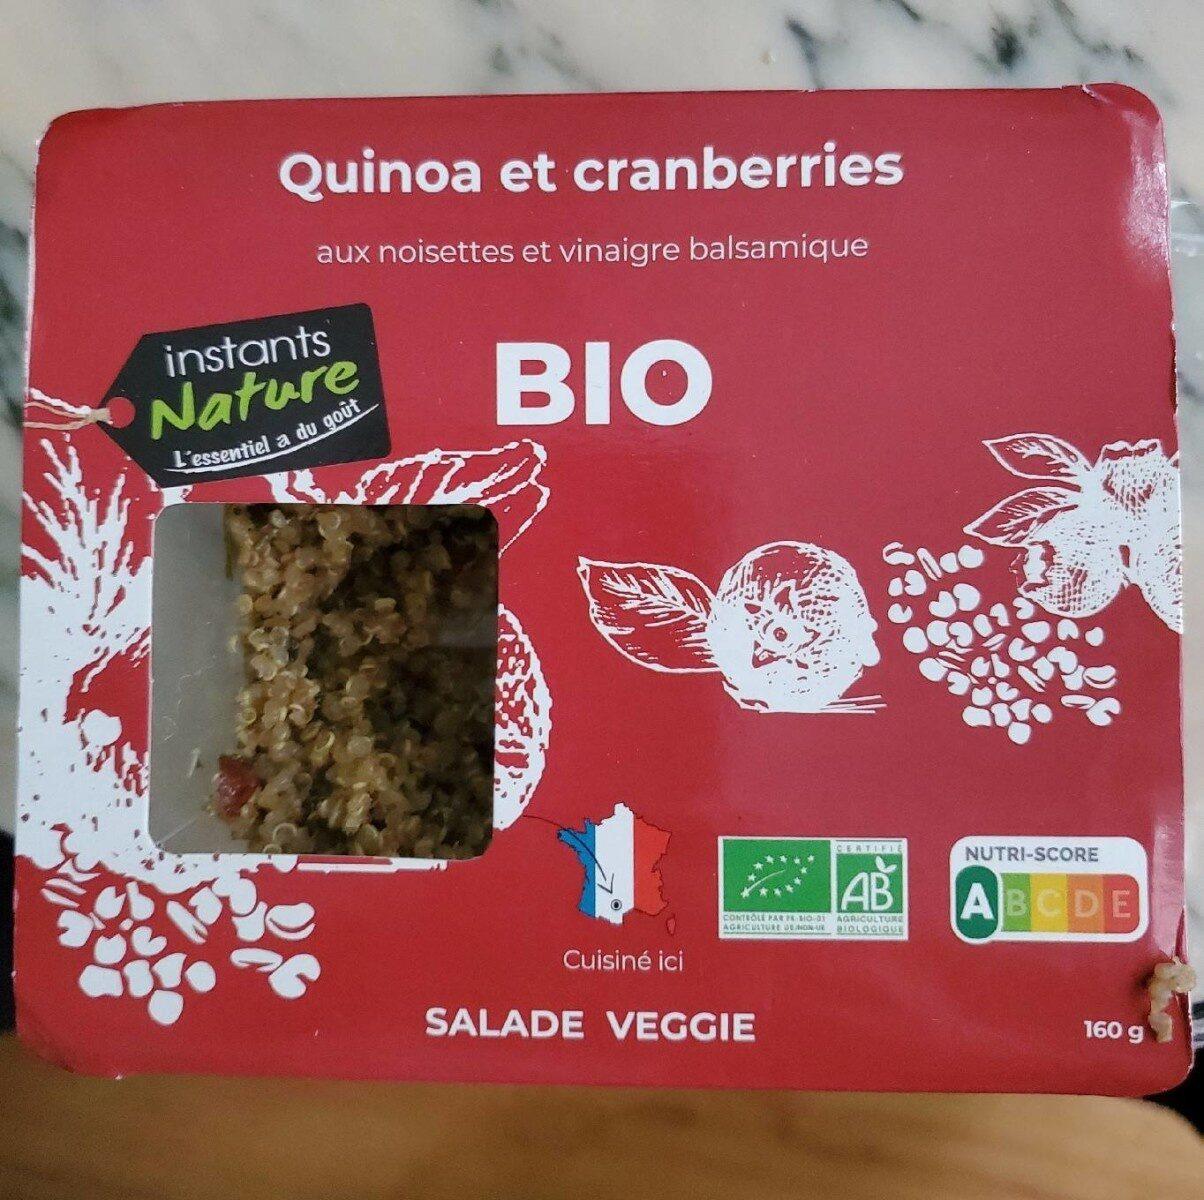 Instants Nature Quinoa et cranberries - Produit - fr